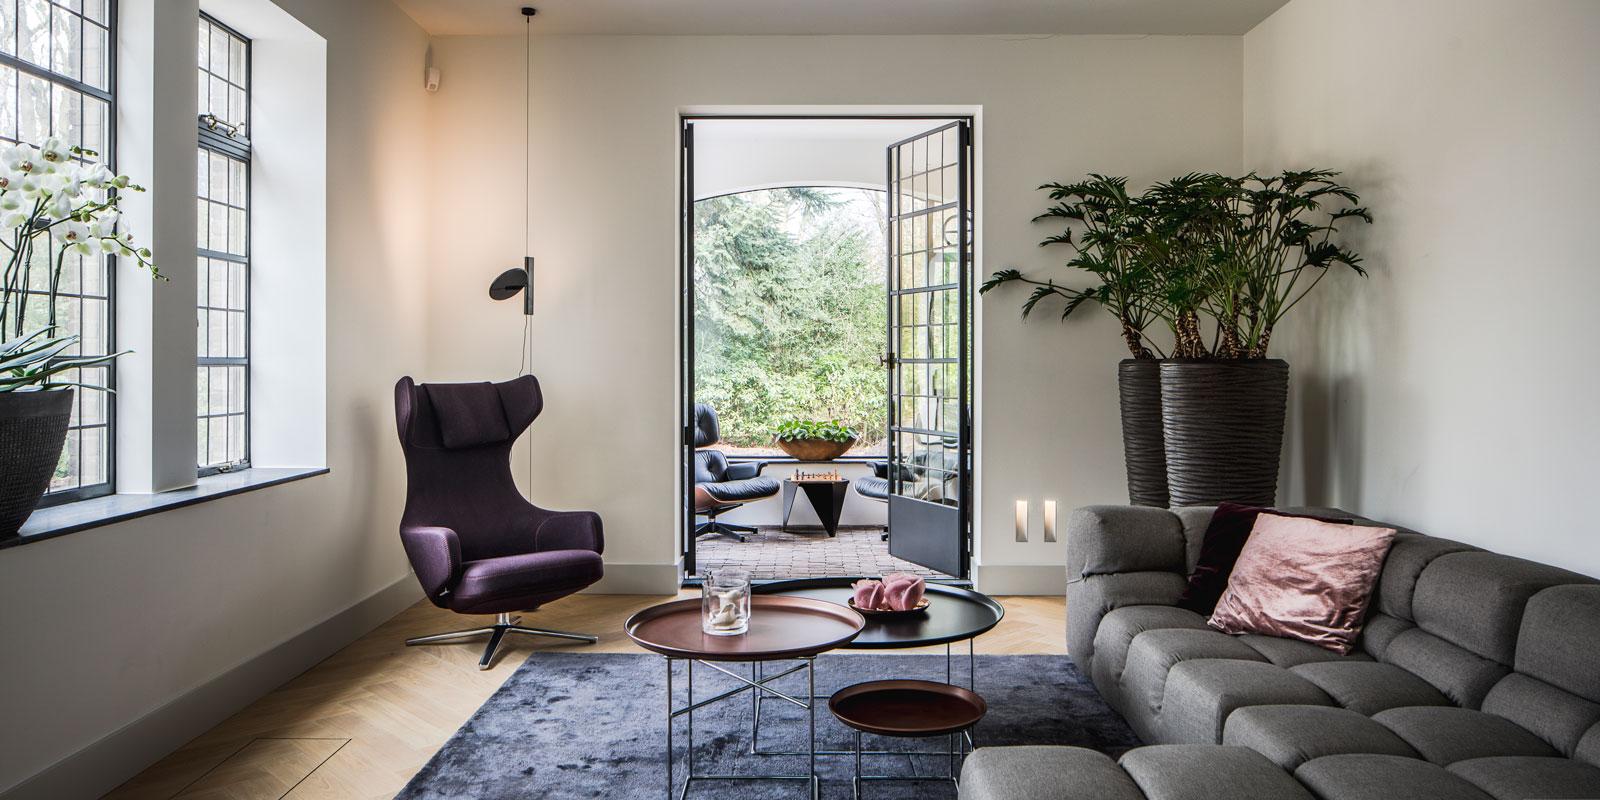 Woonkamer, living, tapijt, taatsdeuren, glazen deur, interieur, monumentale villa, Van den Wildenberg